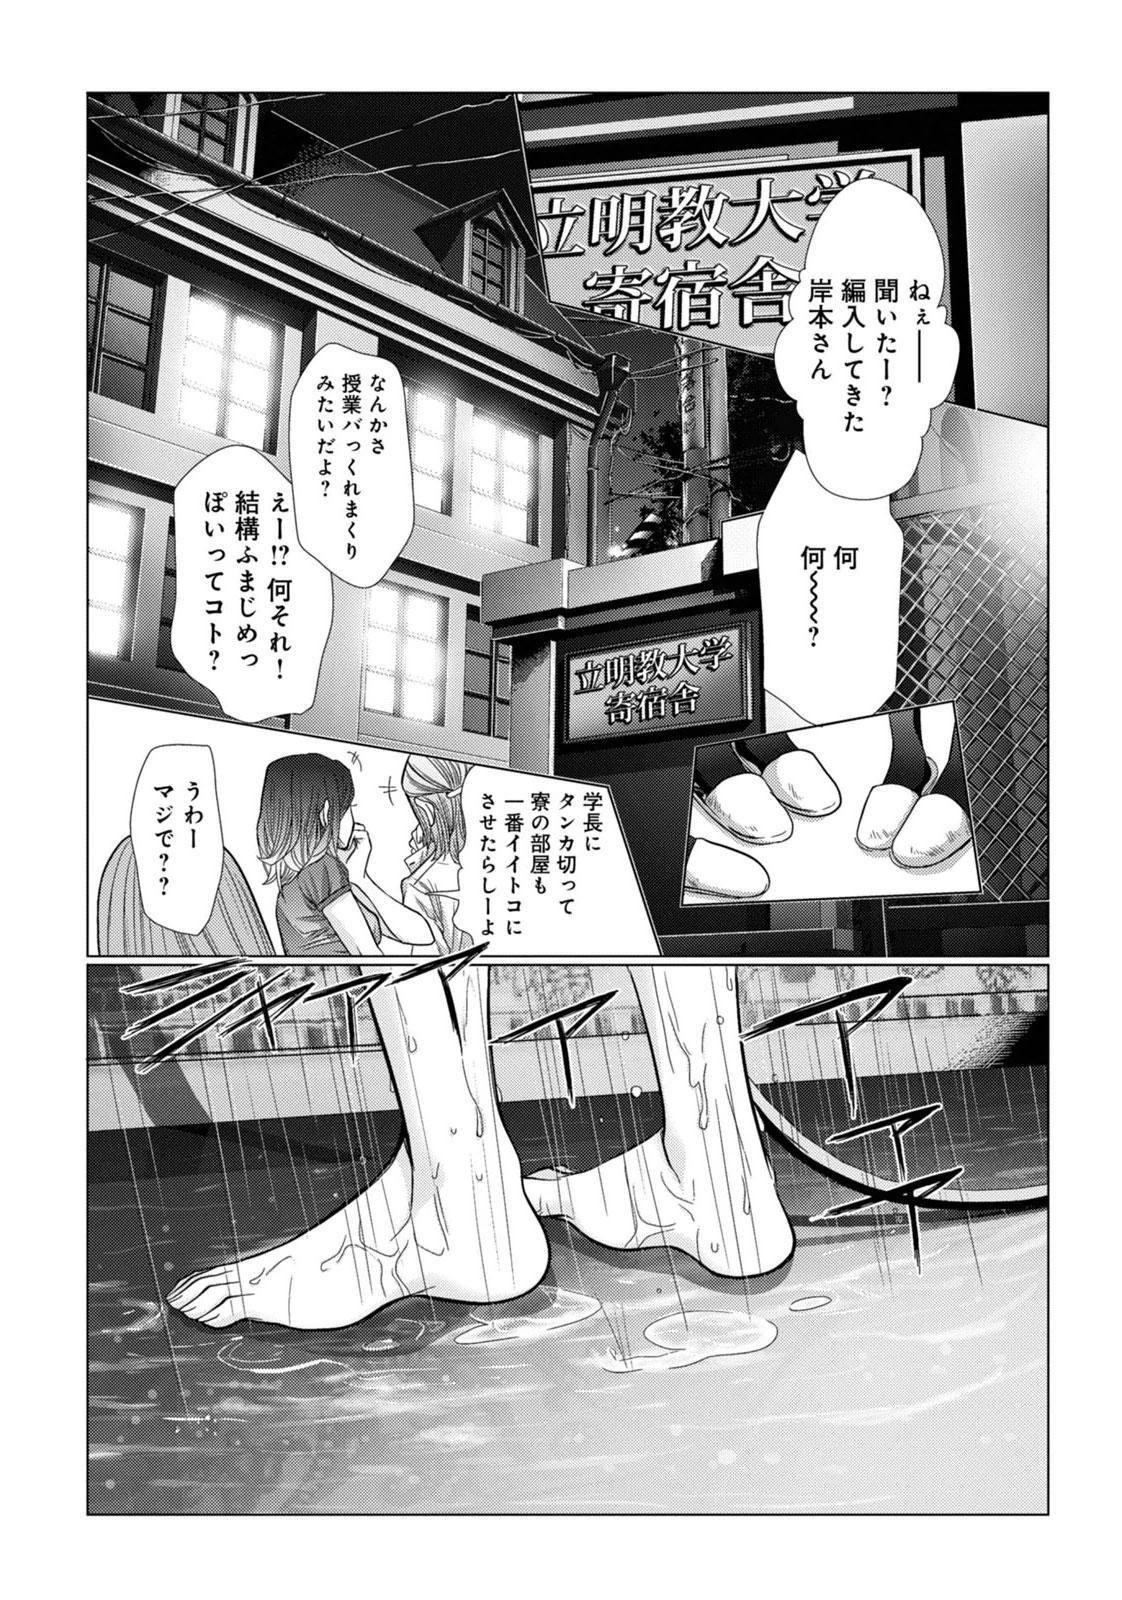 [Miyazaki Maya] Holy Knight ~Junketsu to Ai no Hazama de~ Vol. 1 35